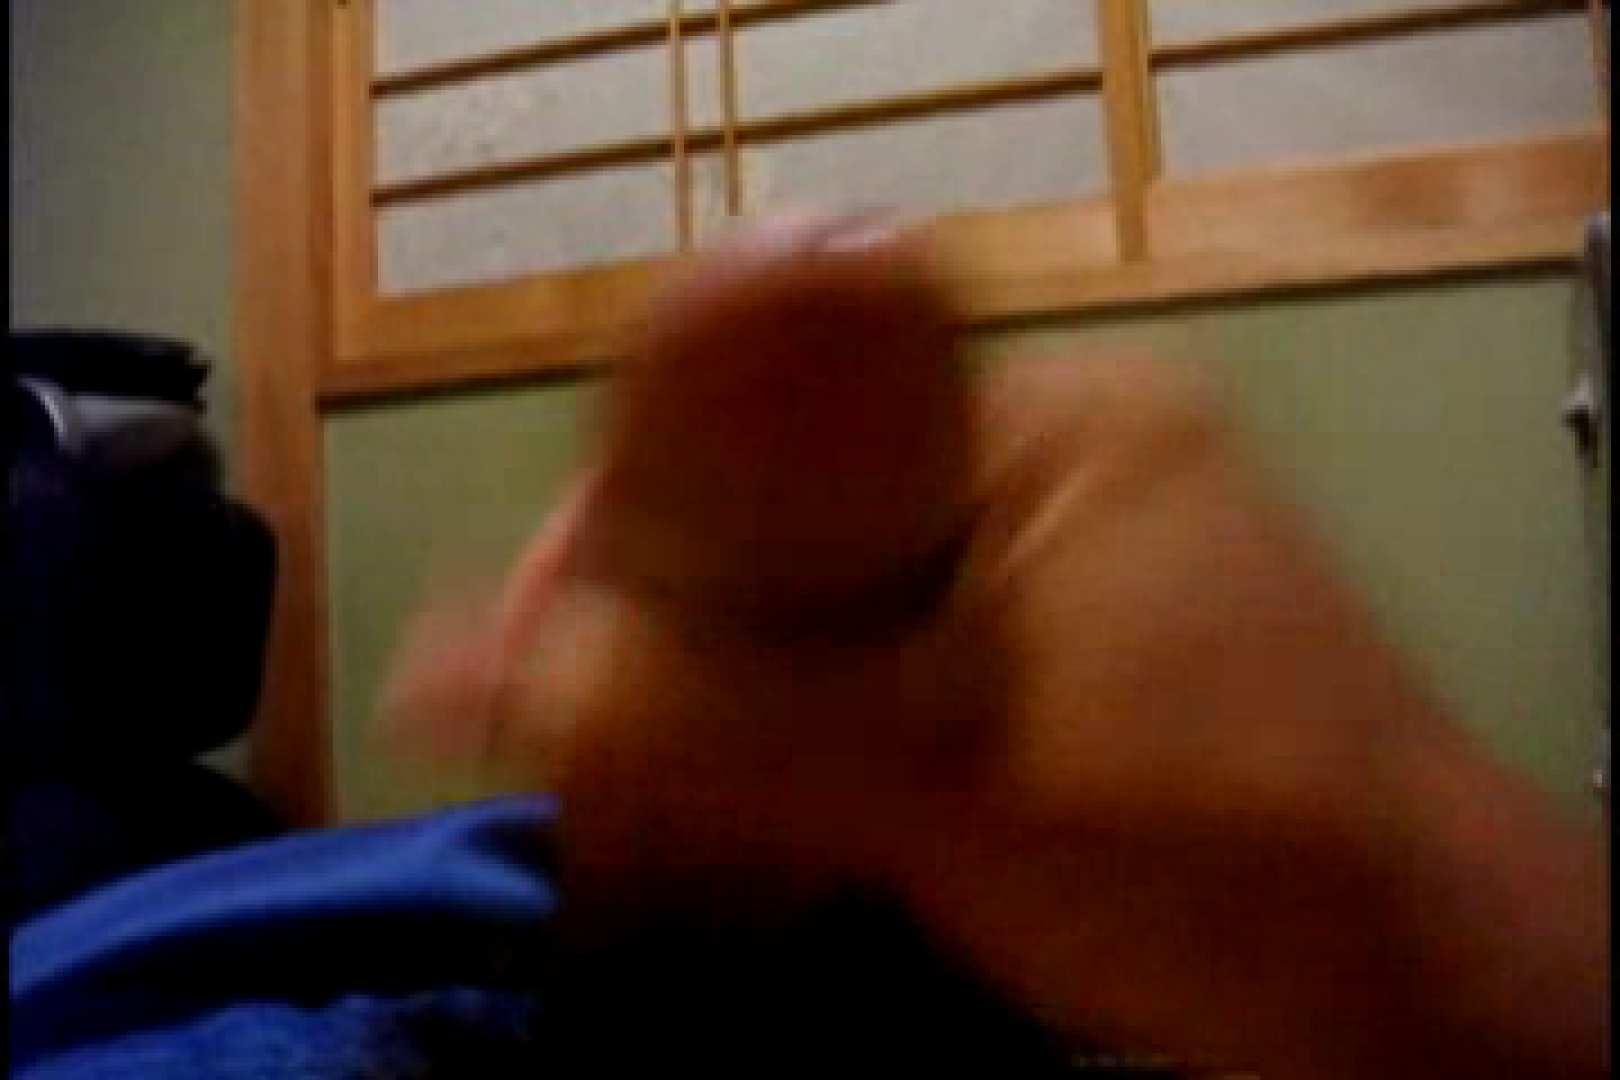 オナ好きノンケテニス部員の自画撮り投稿vol.02 射精特集 ゲイフリーエロ画像 77枚 70